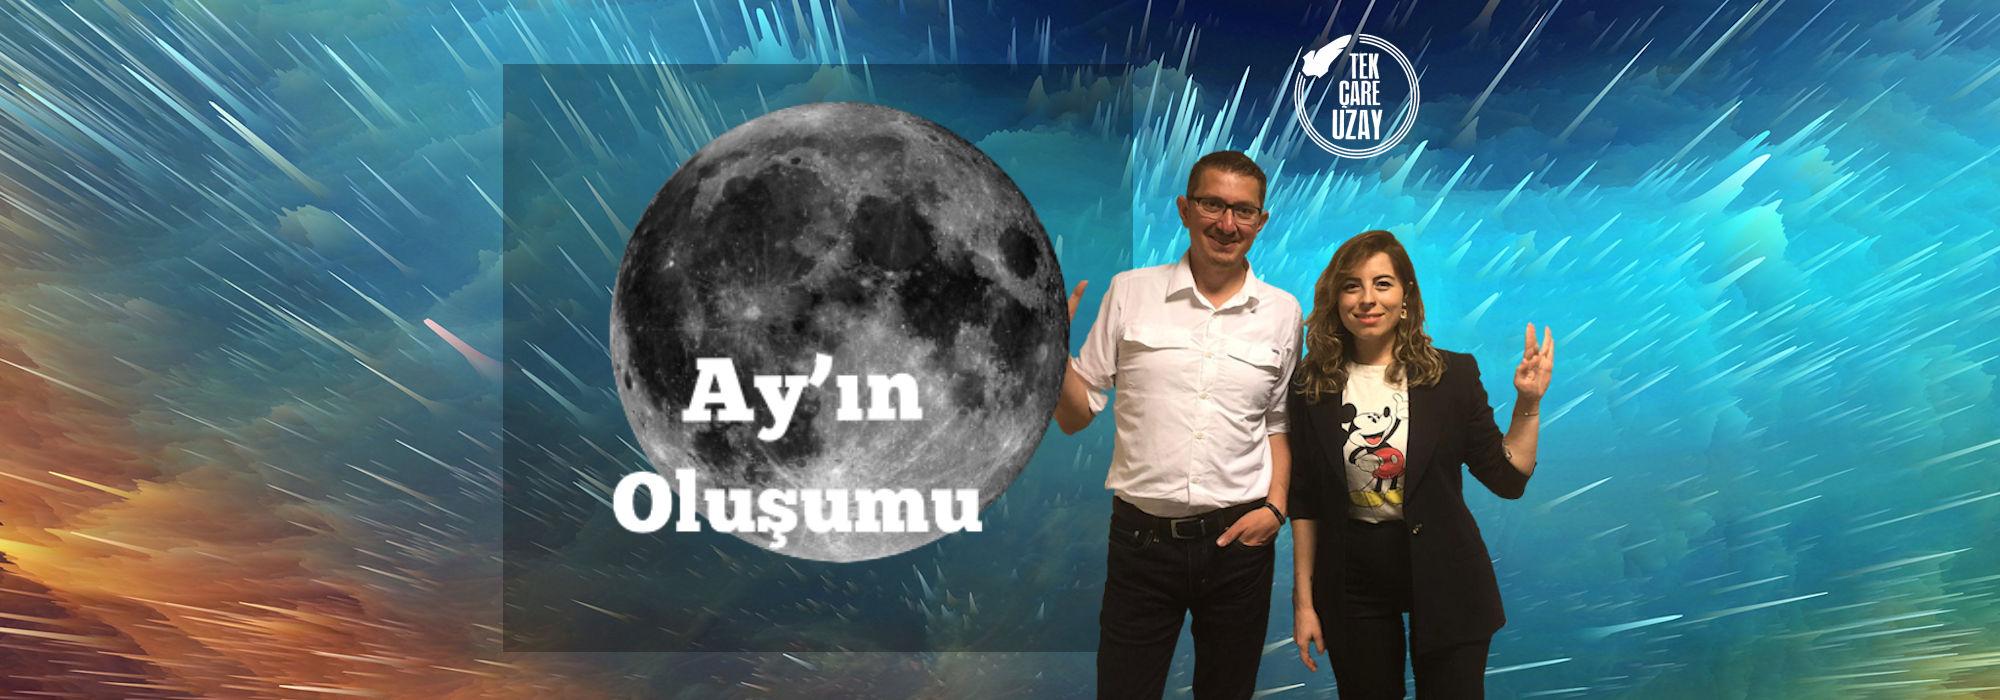 Tek Çare Uzay | Hedef Ay, Ay'ın Oluşumu Teorileri